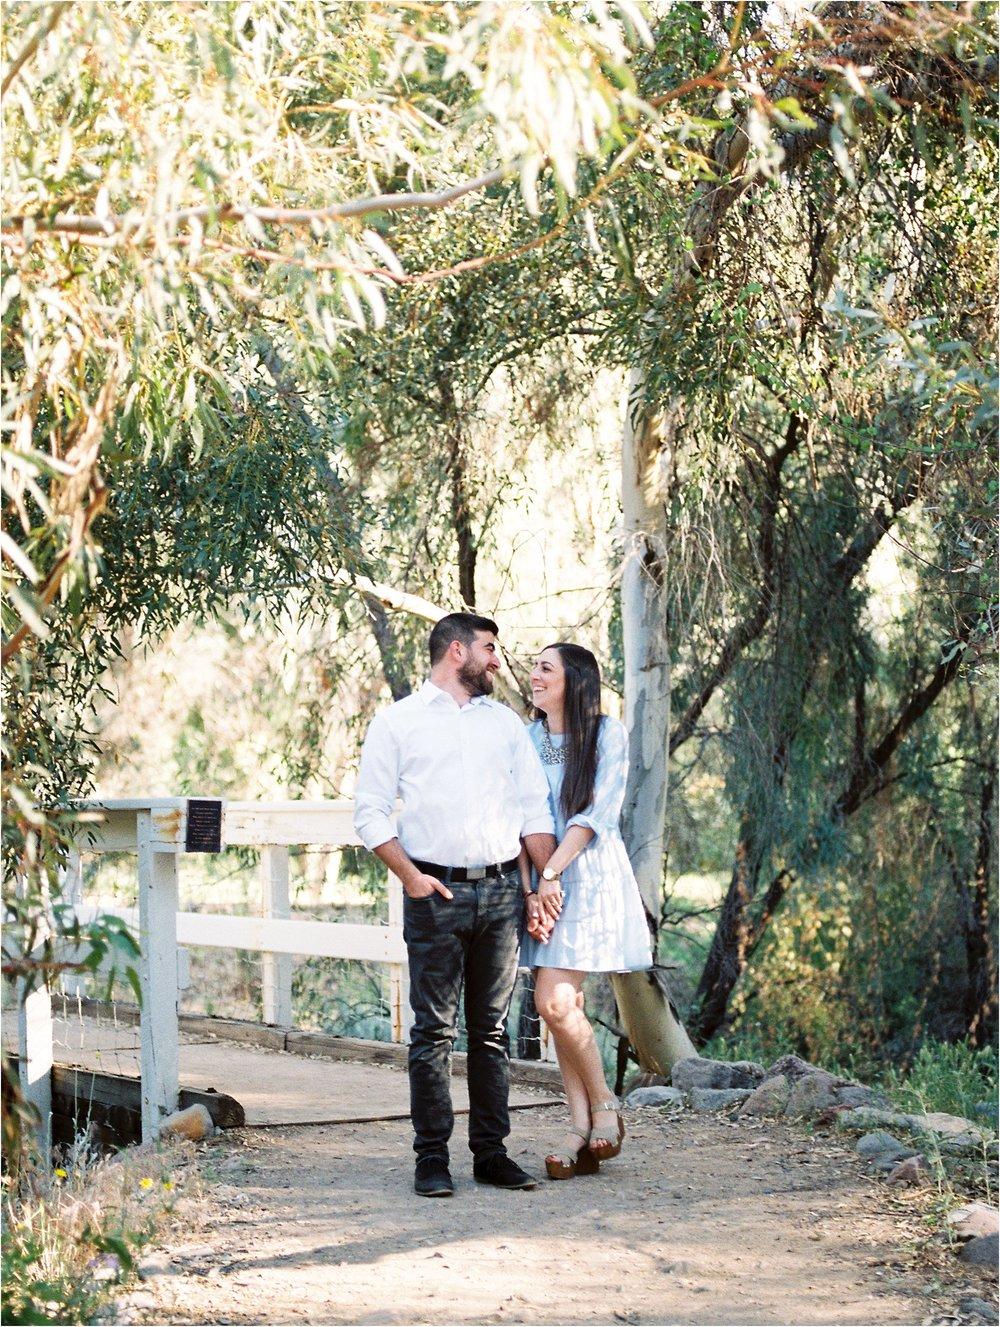 Sarah Jane Photography Film Hybrid Scottsdale Phoenix Arizona Destination Wedding Photographer Denise and Chase Engagement_0014.jpg